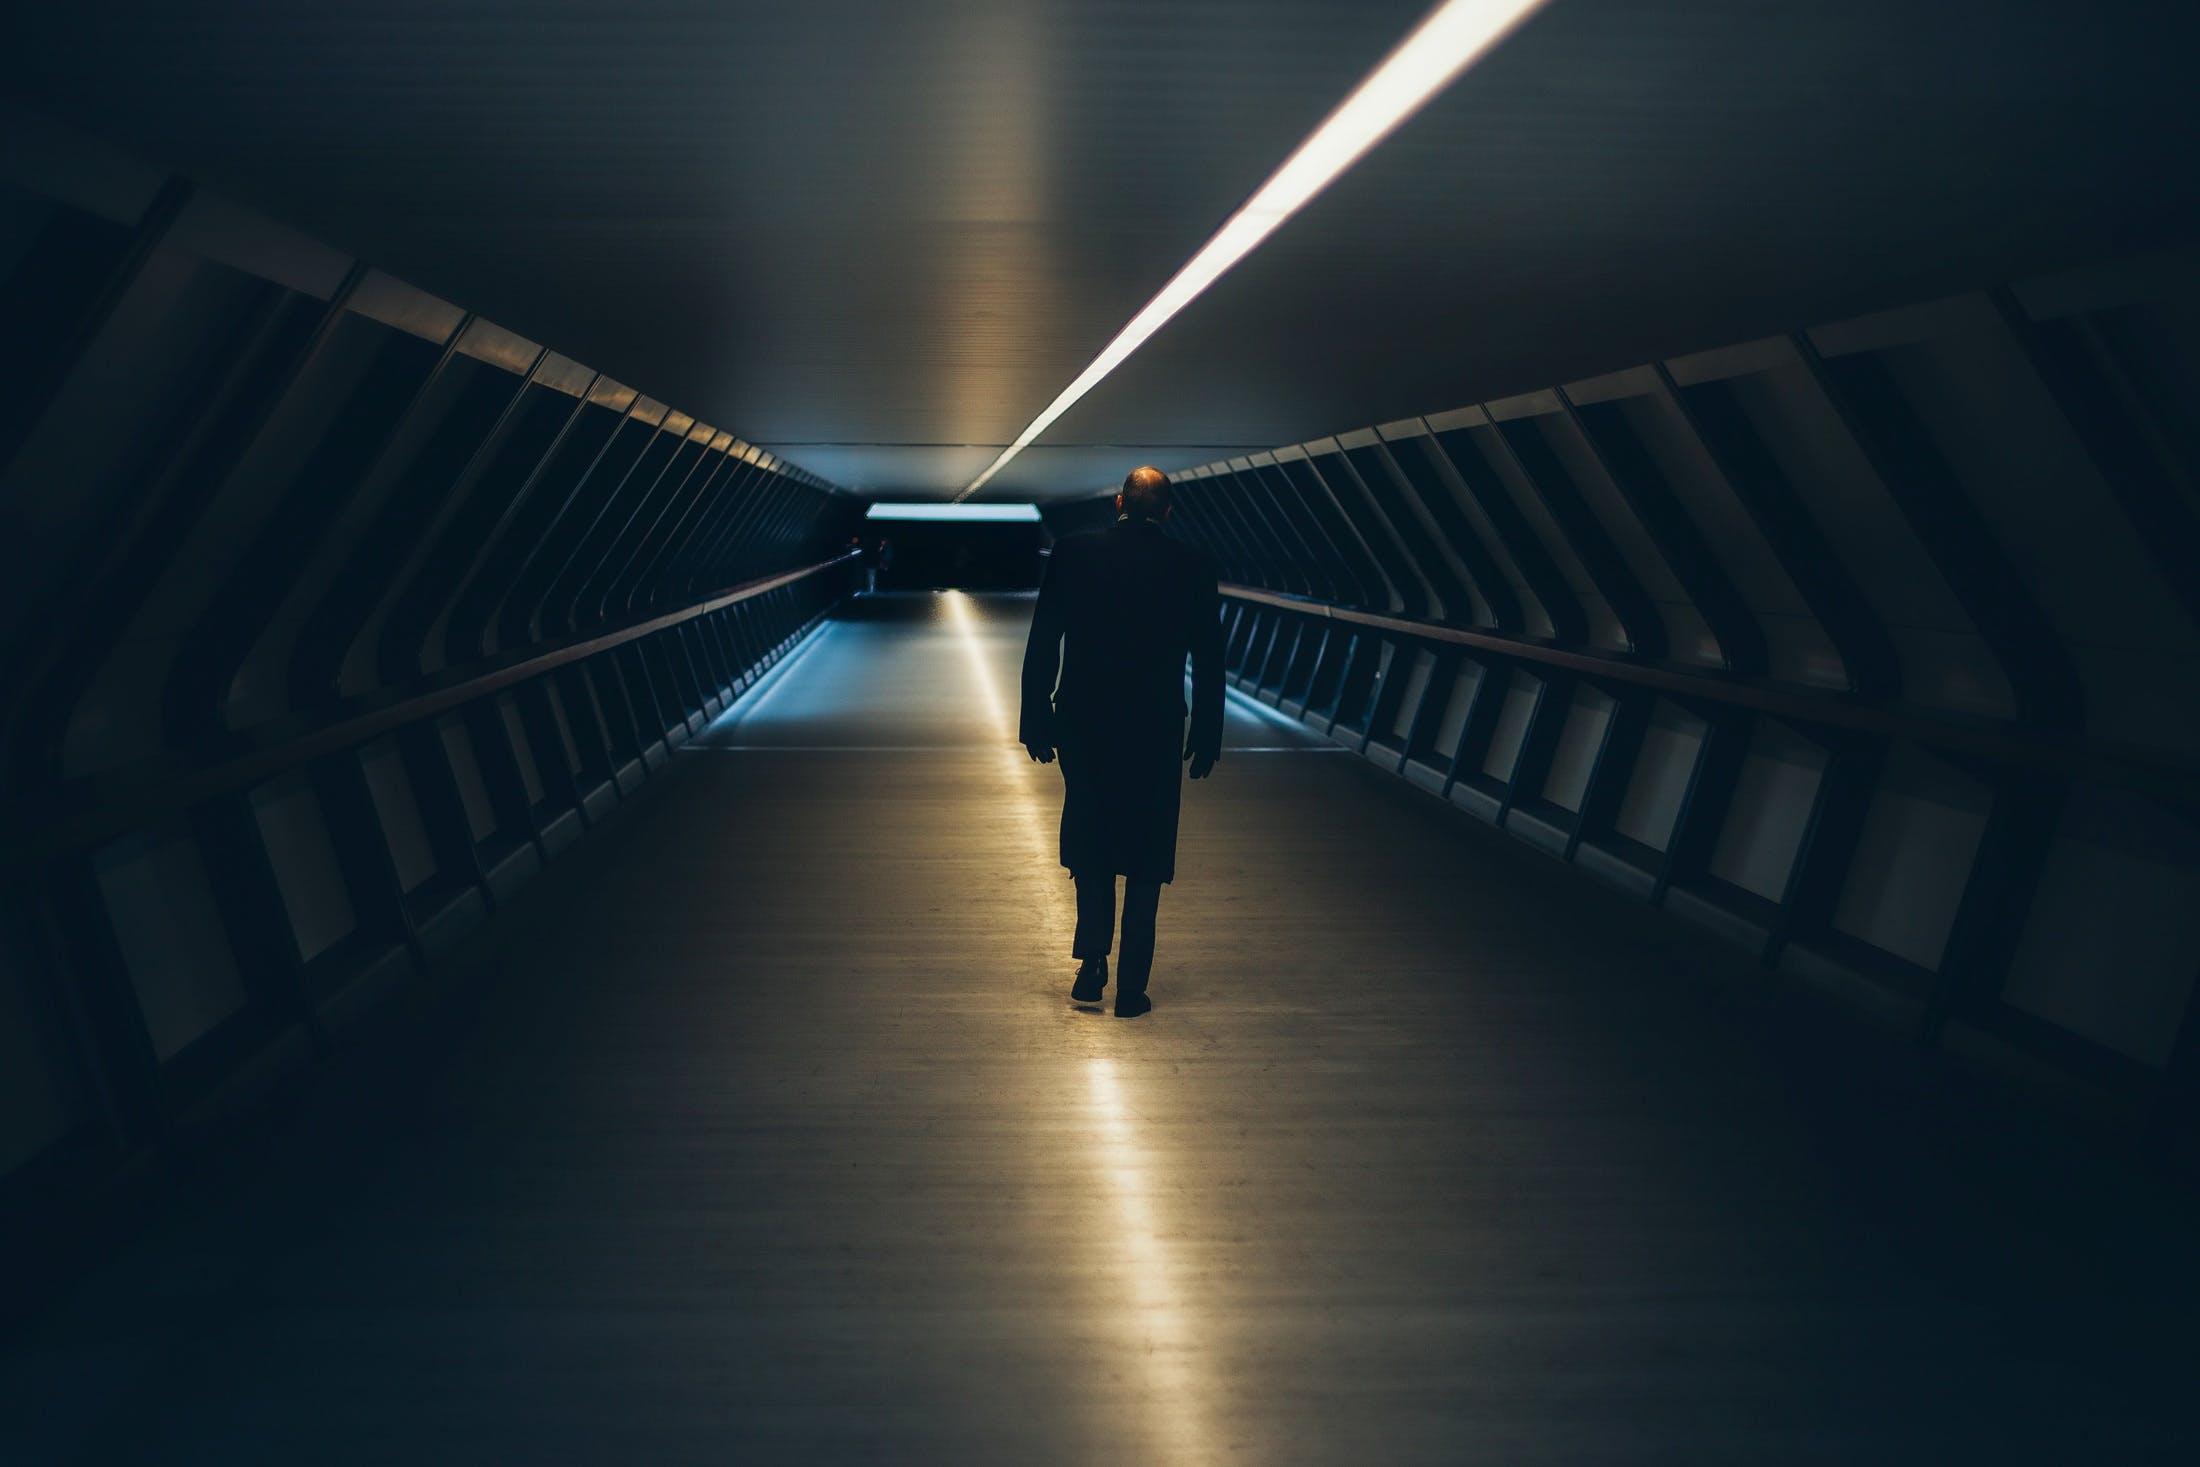 Man on Escalator in Illuminated Room